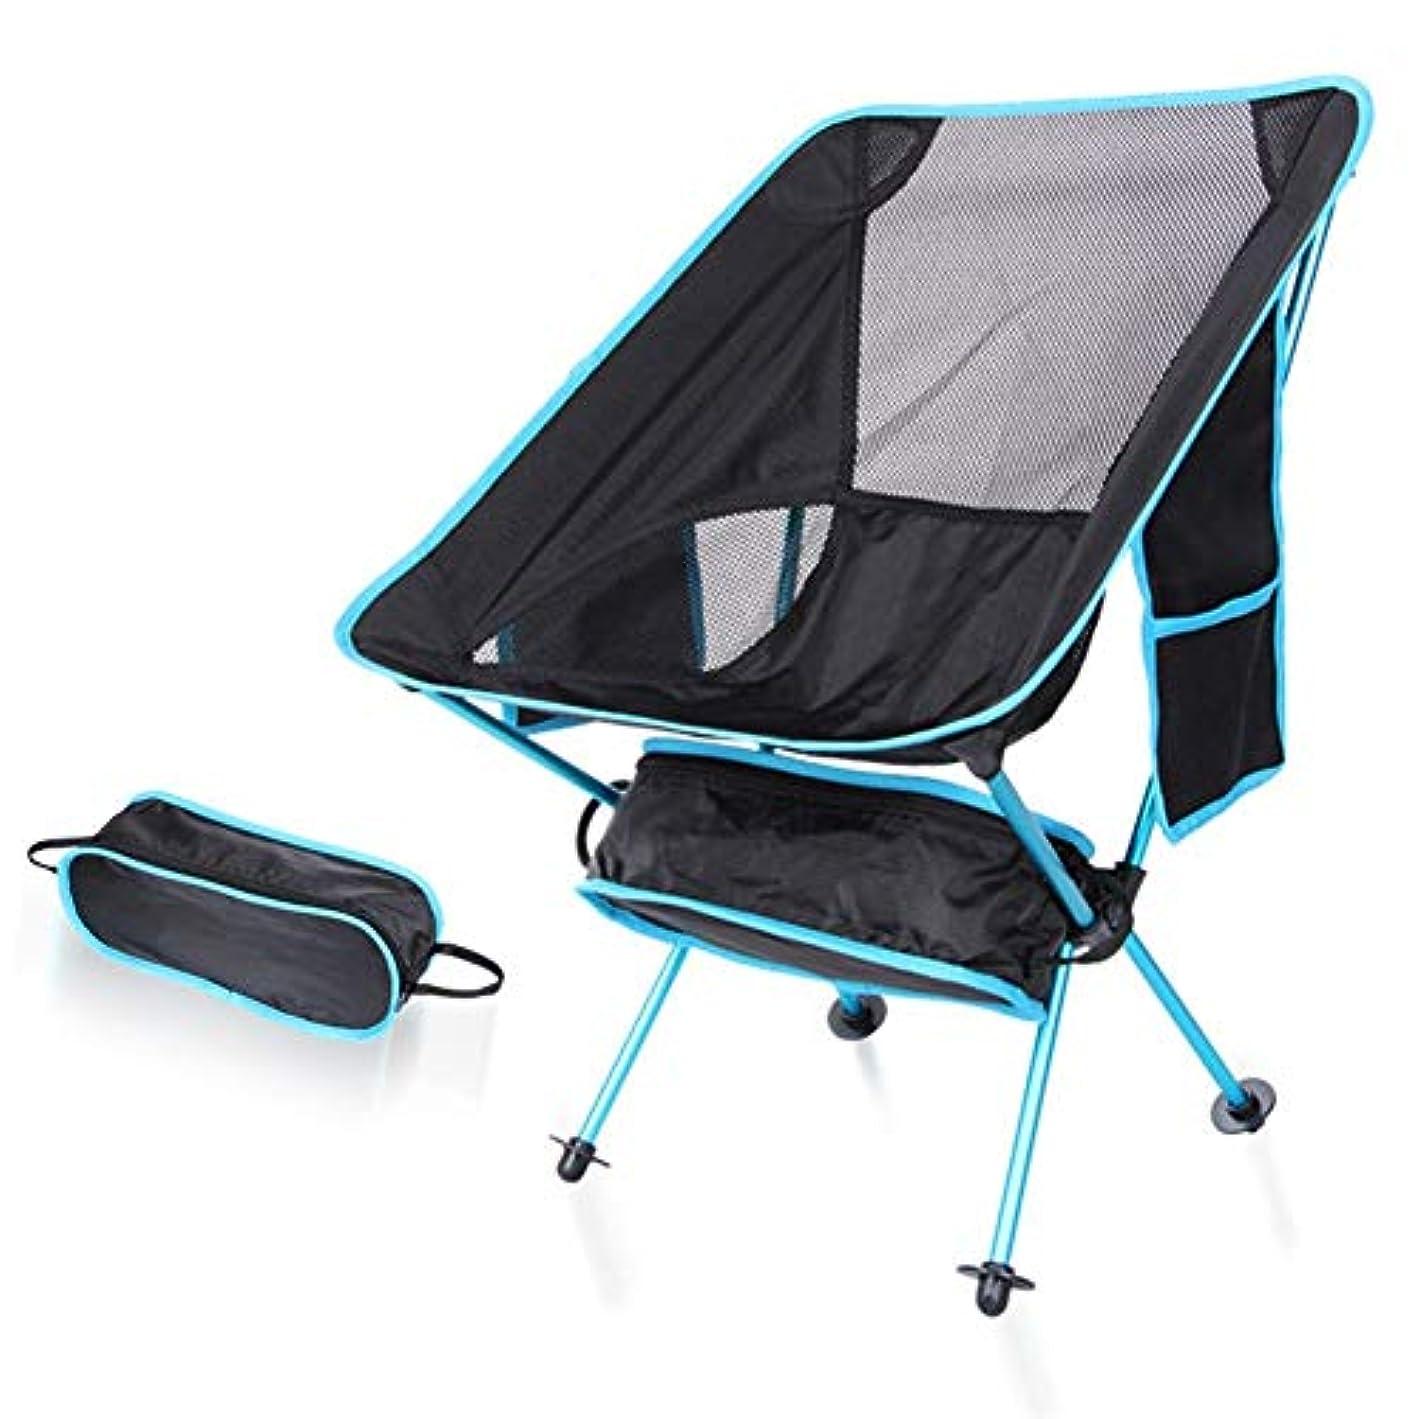 シャープカード自由アウトドアチェア キャンプチェア、ポータブル屋外コンパクト超軽量折りたたみチェア用釣りビーチハイキングピクニックでバックパッキング - 53×35×67センチ